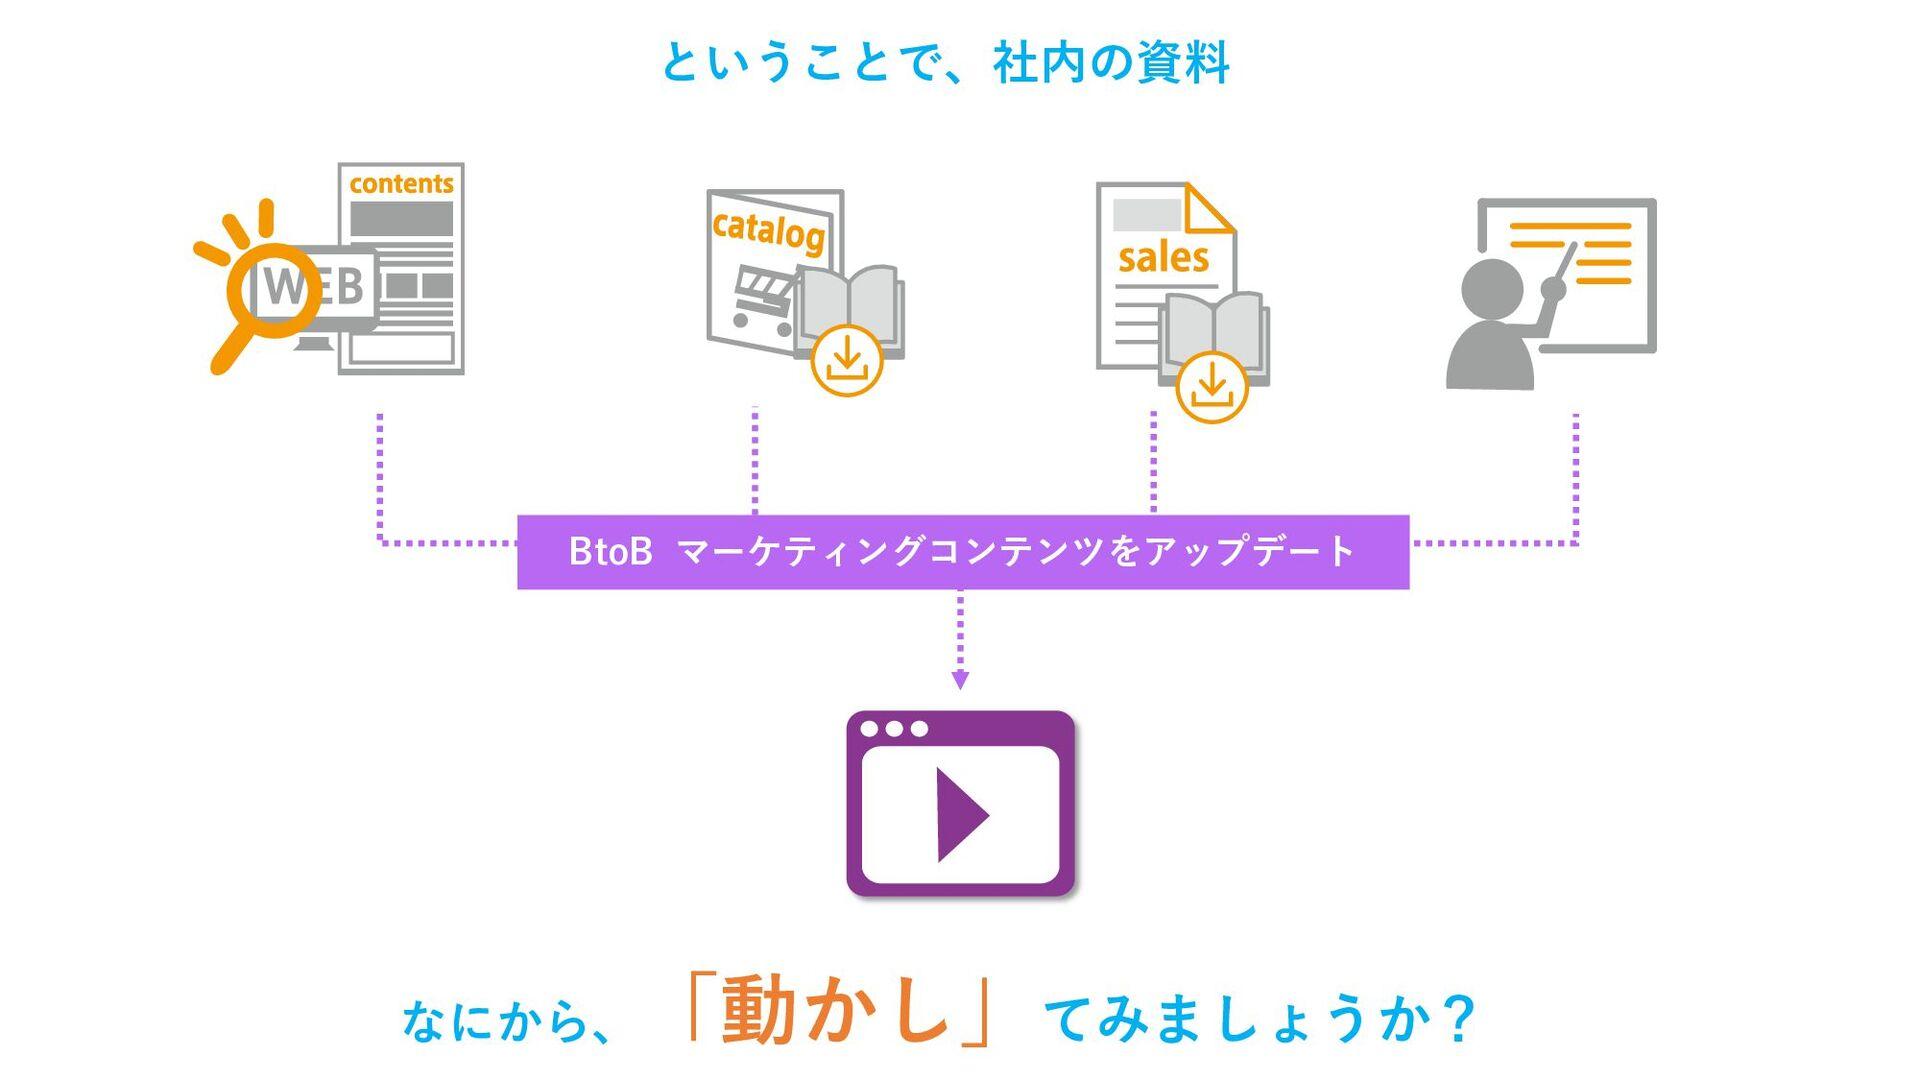 ということで、社内の資料 BtoB マーケティングコンテンツをアップデート なにから、 「動か...